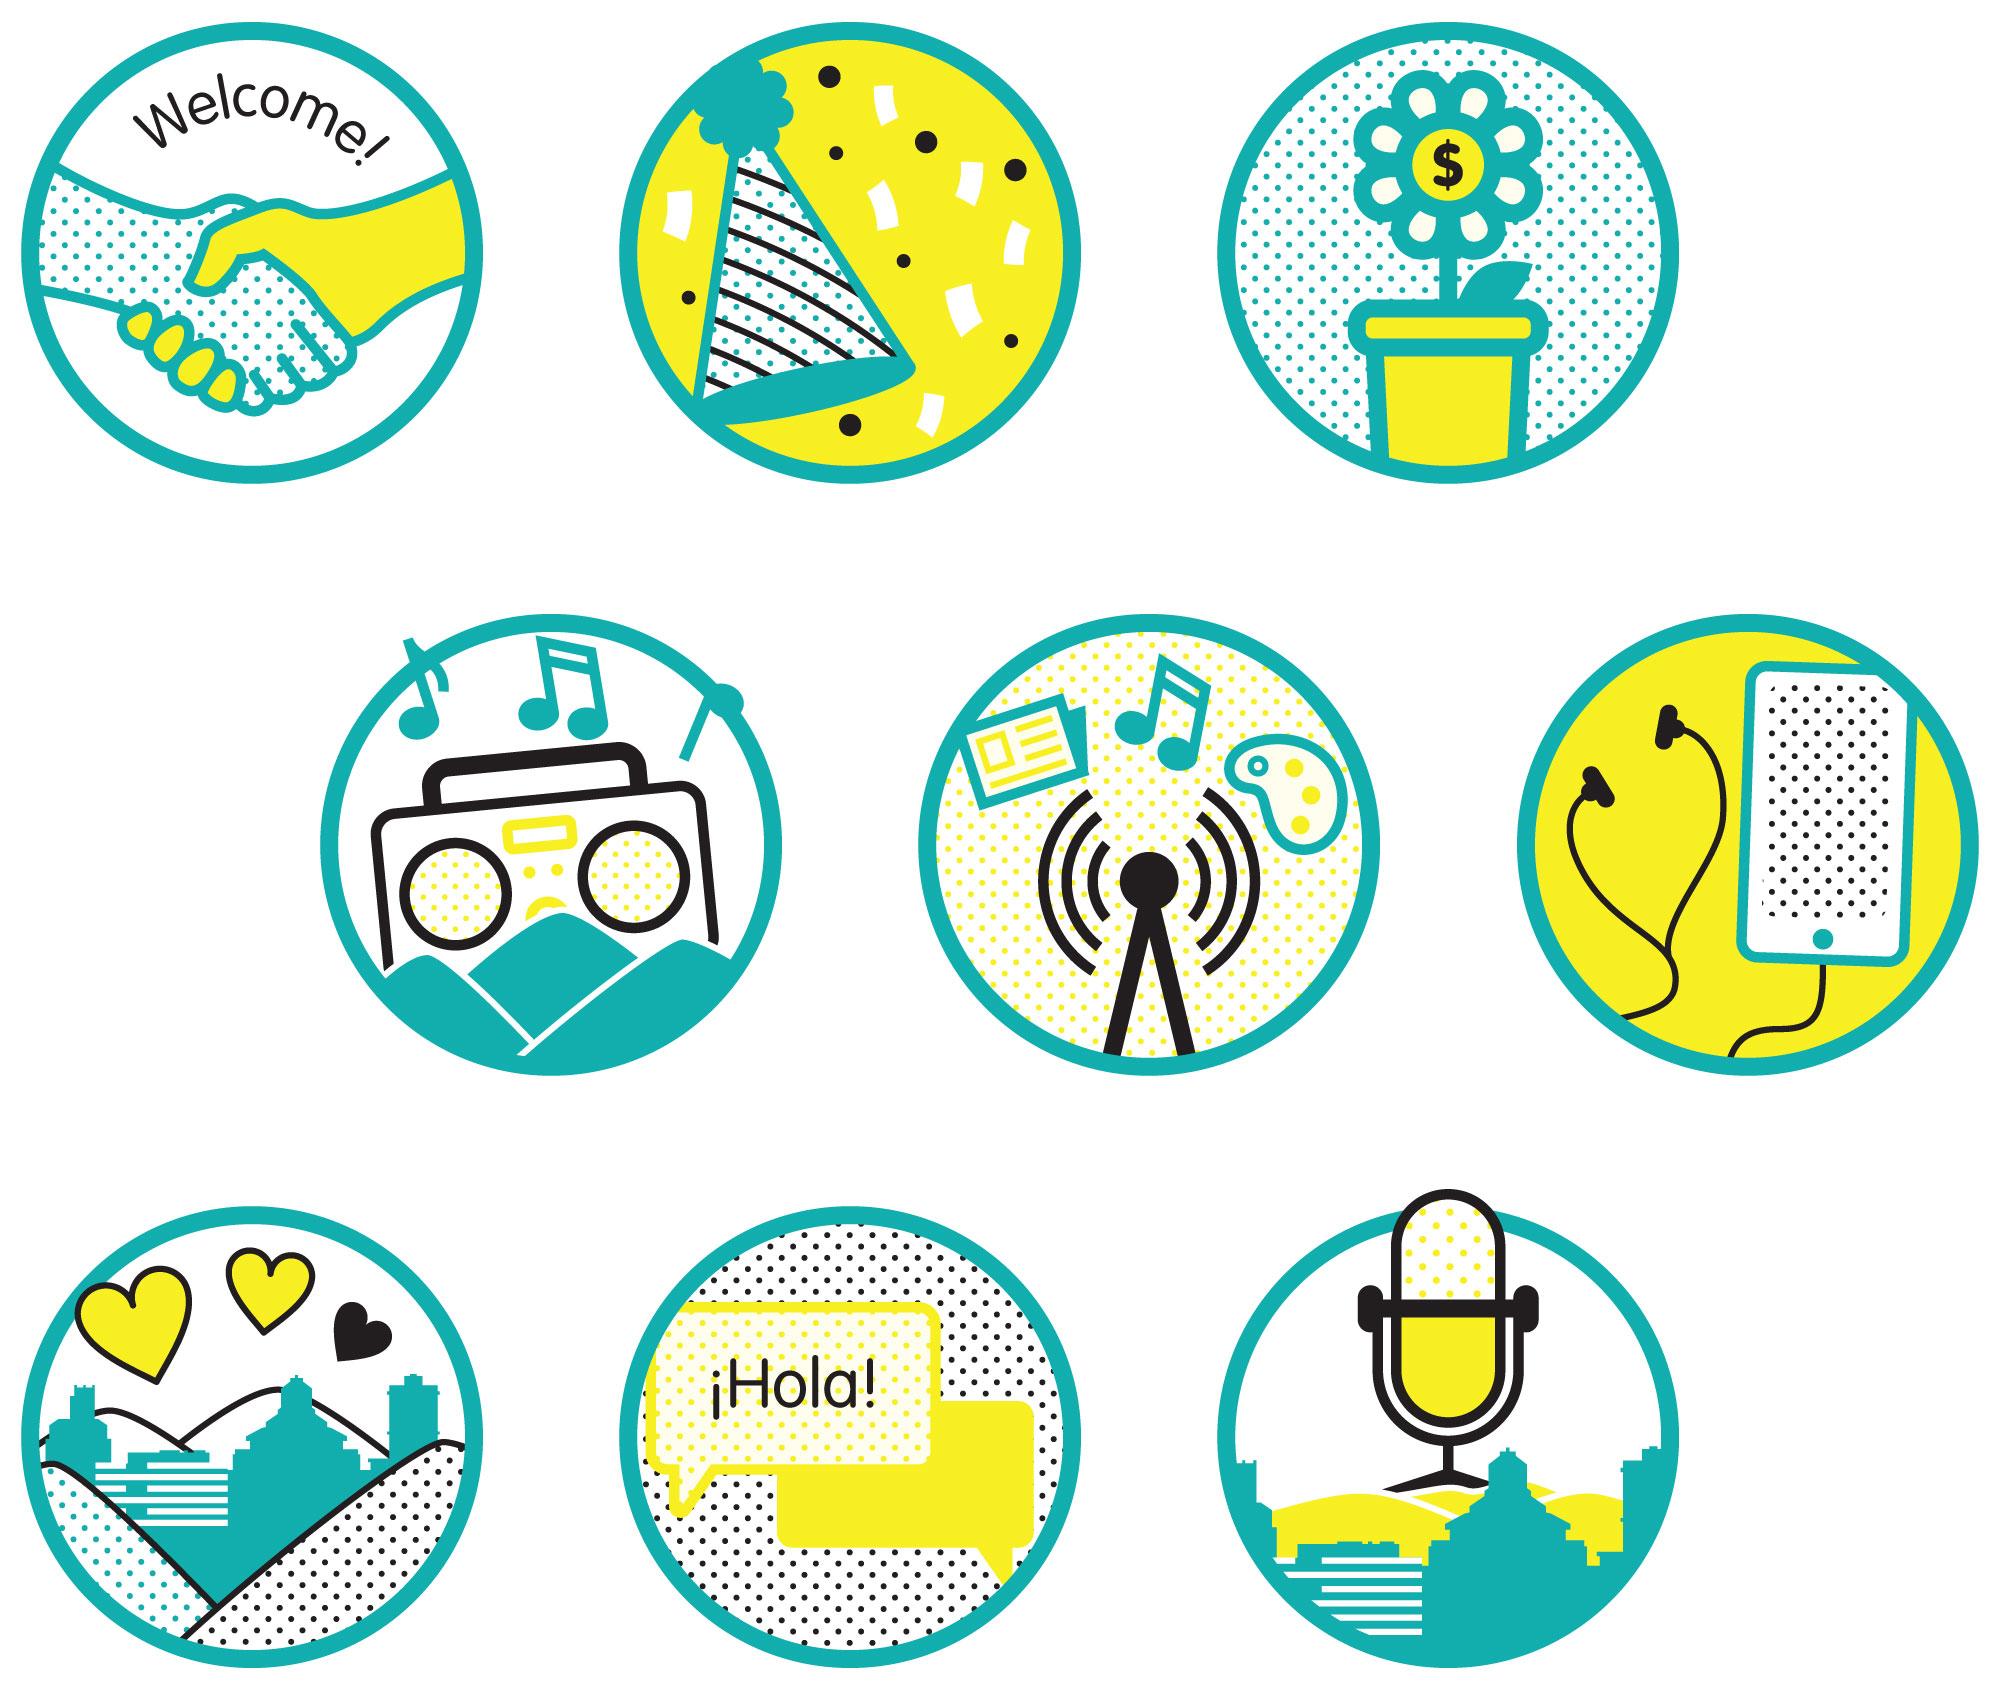 Custom icon designs for 2019 Annual Report